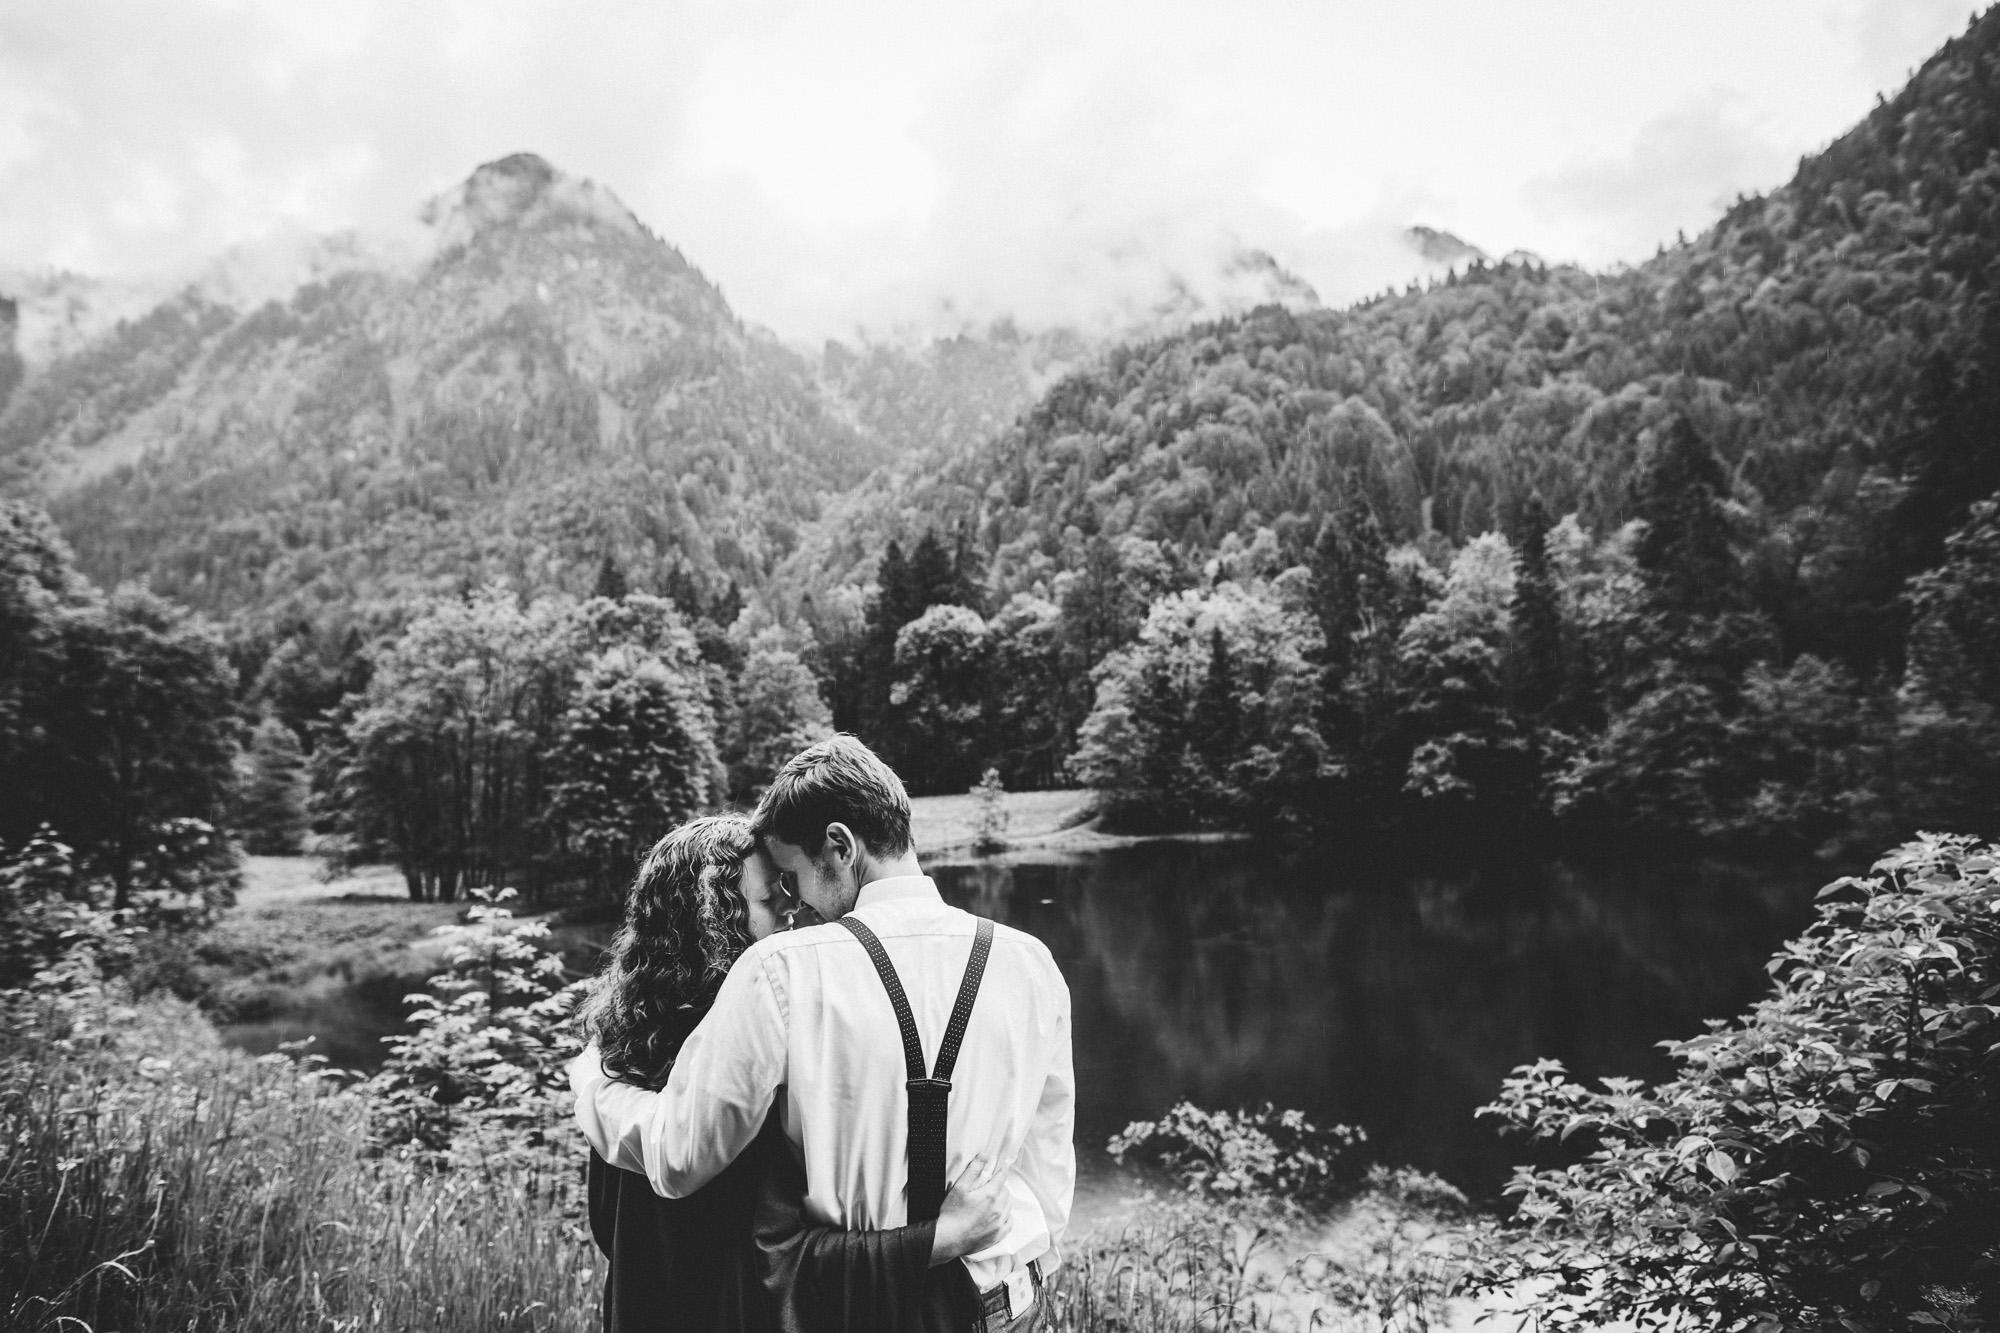 svea und keve 151 - Nur zu zweit in den Bergen